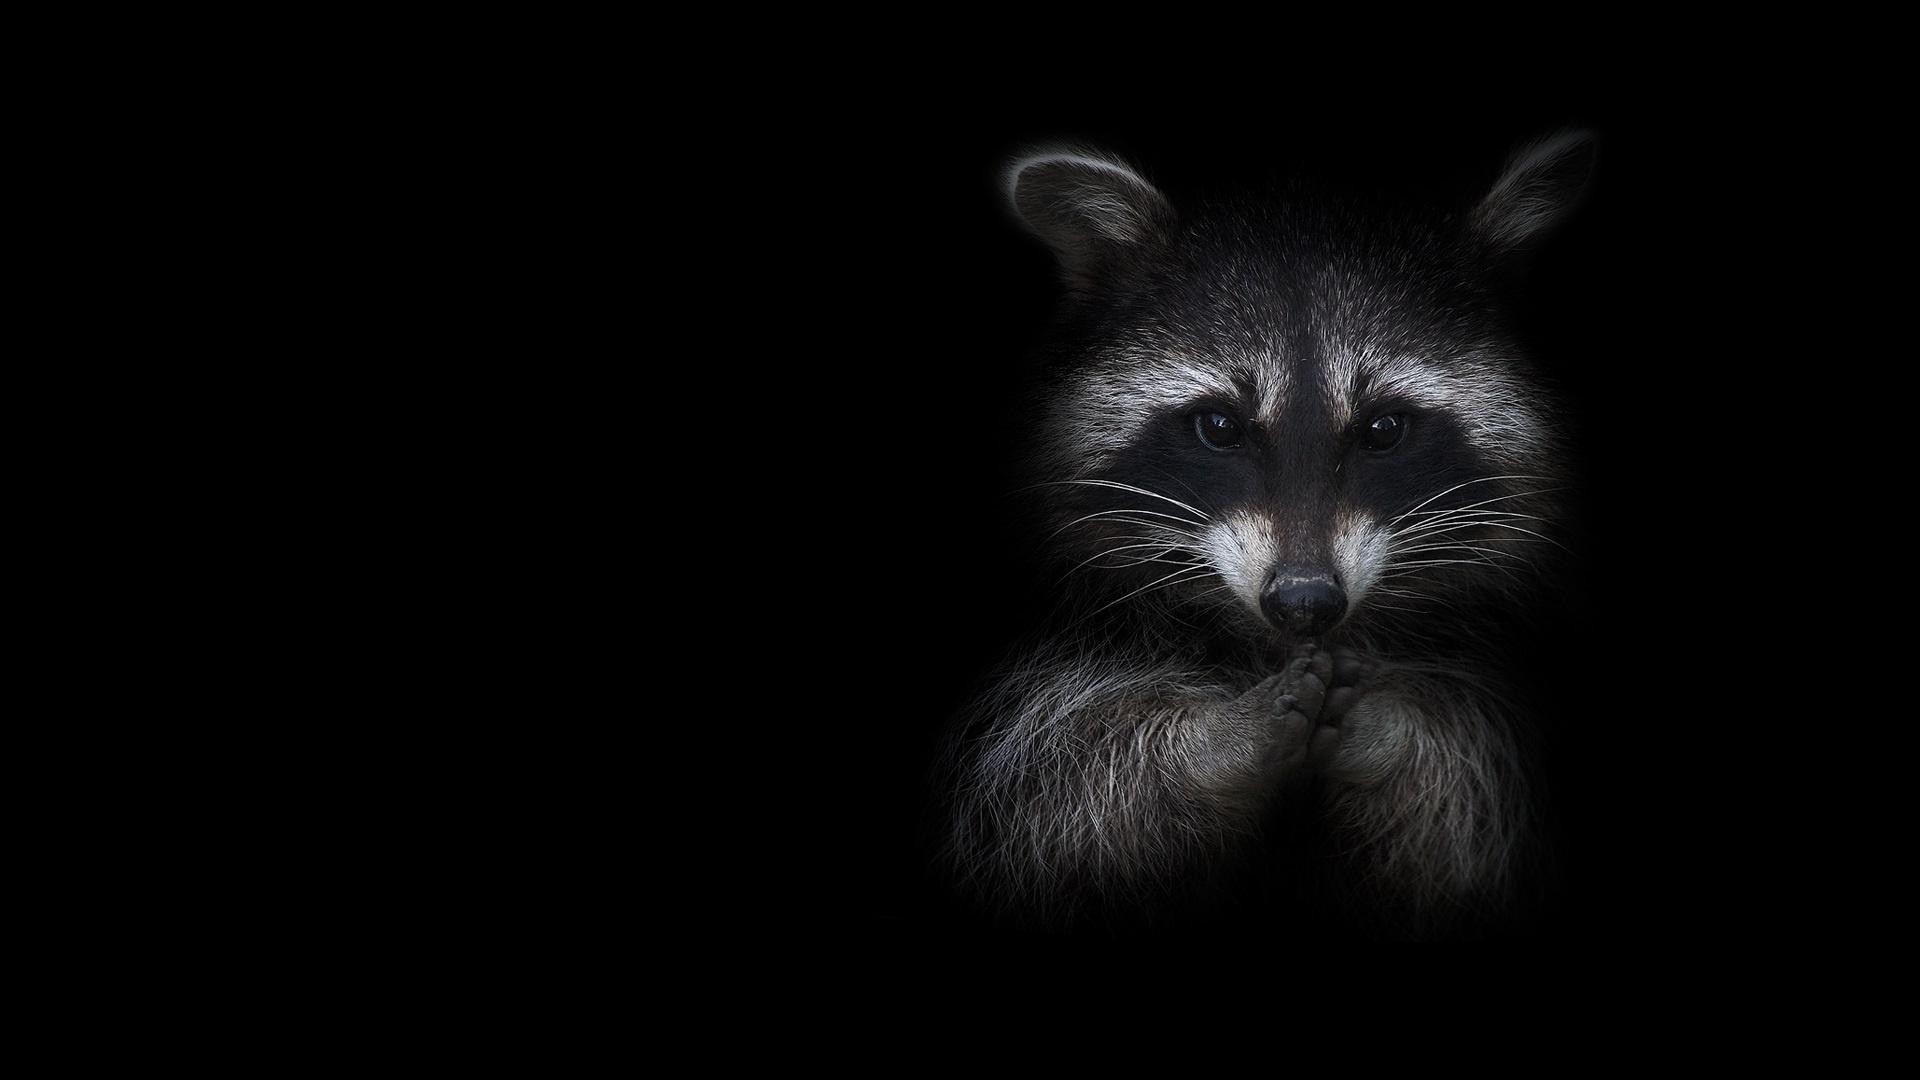 итальянские картинка енота на черном фоне конечно